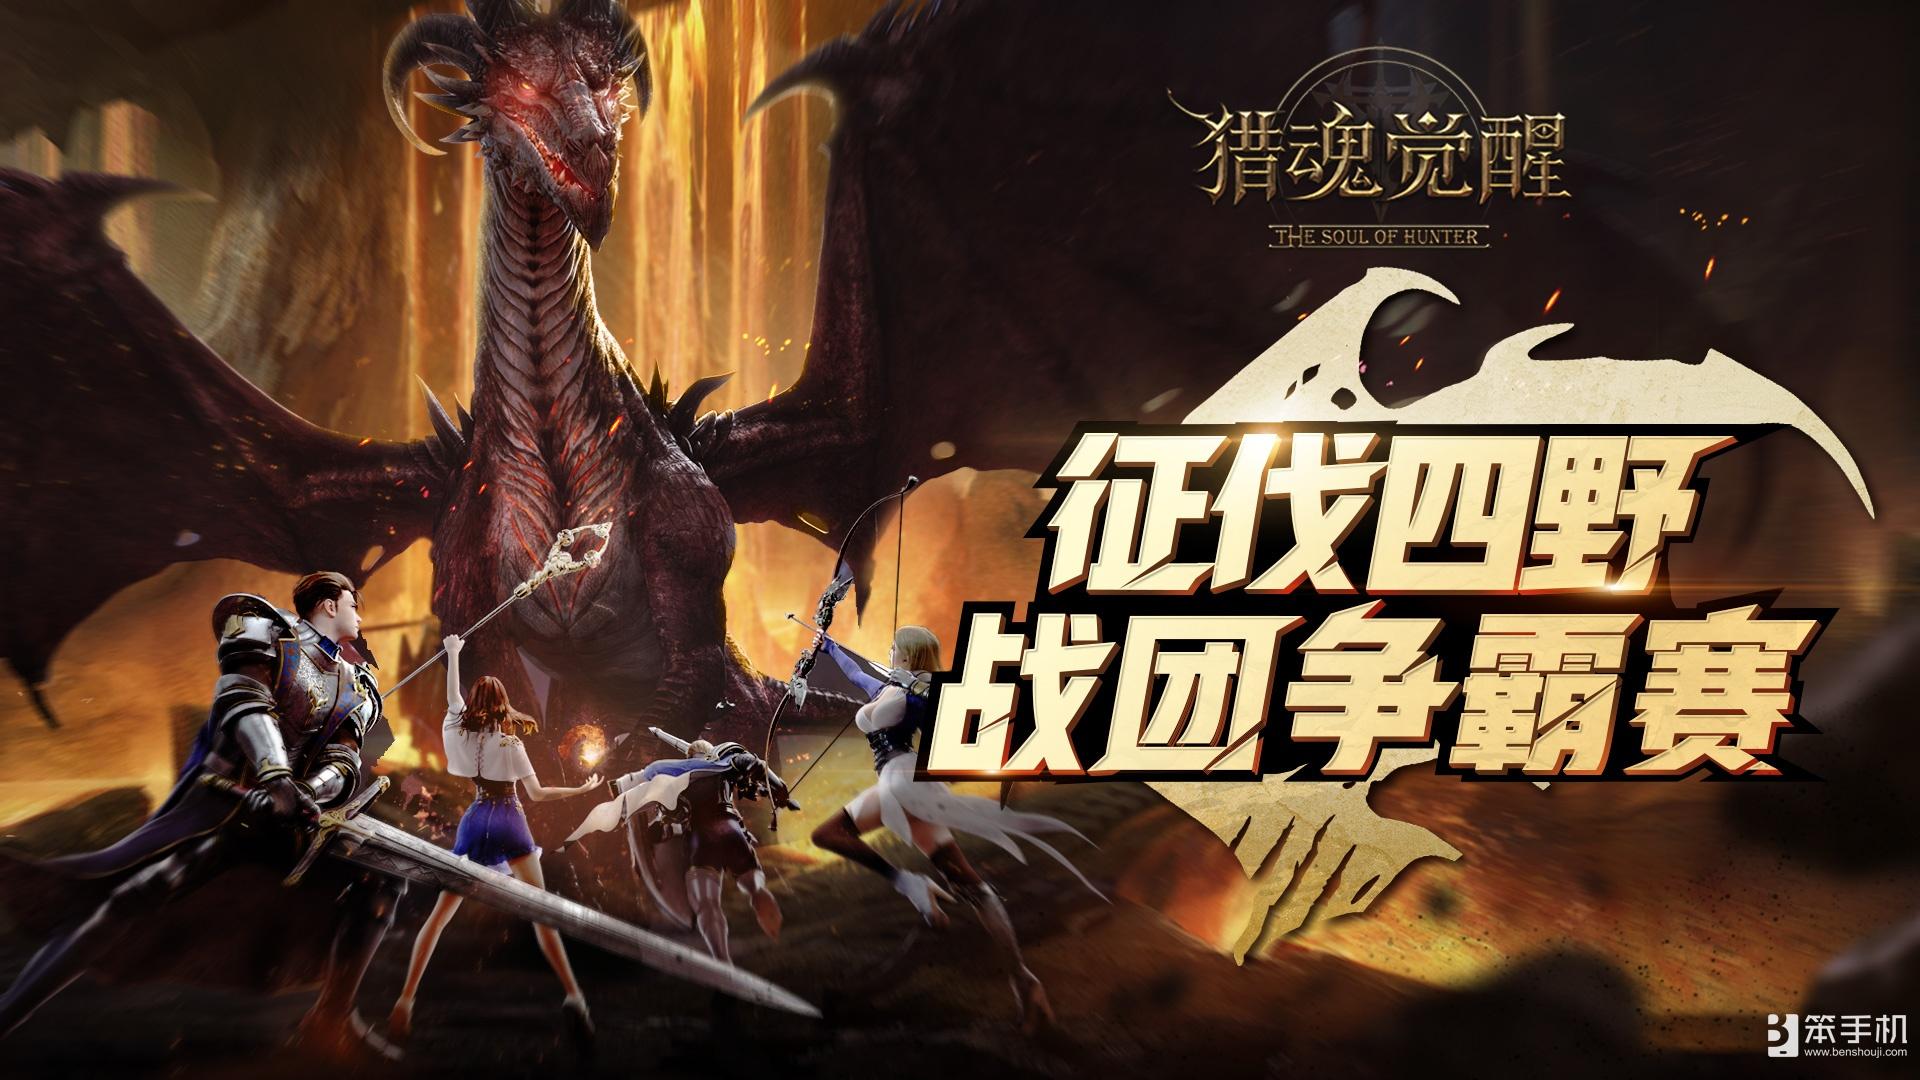 """影蛇兽狩猎解禁!《猎魂觉醒》全新版本""""春日围猎""""今日上线!"""